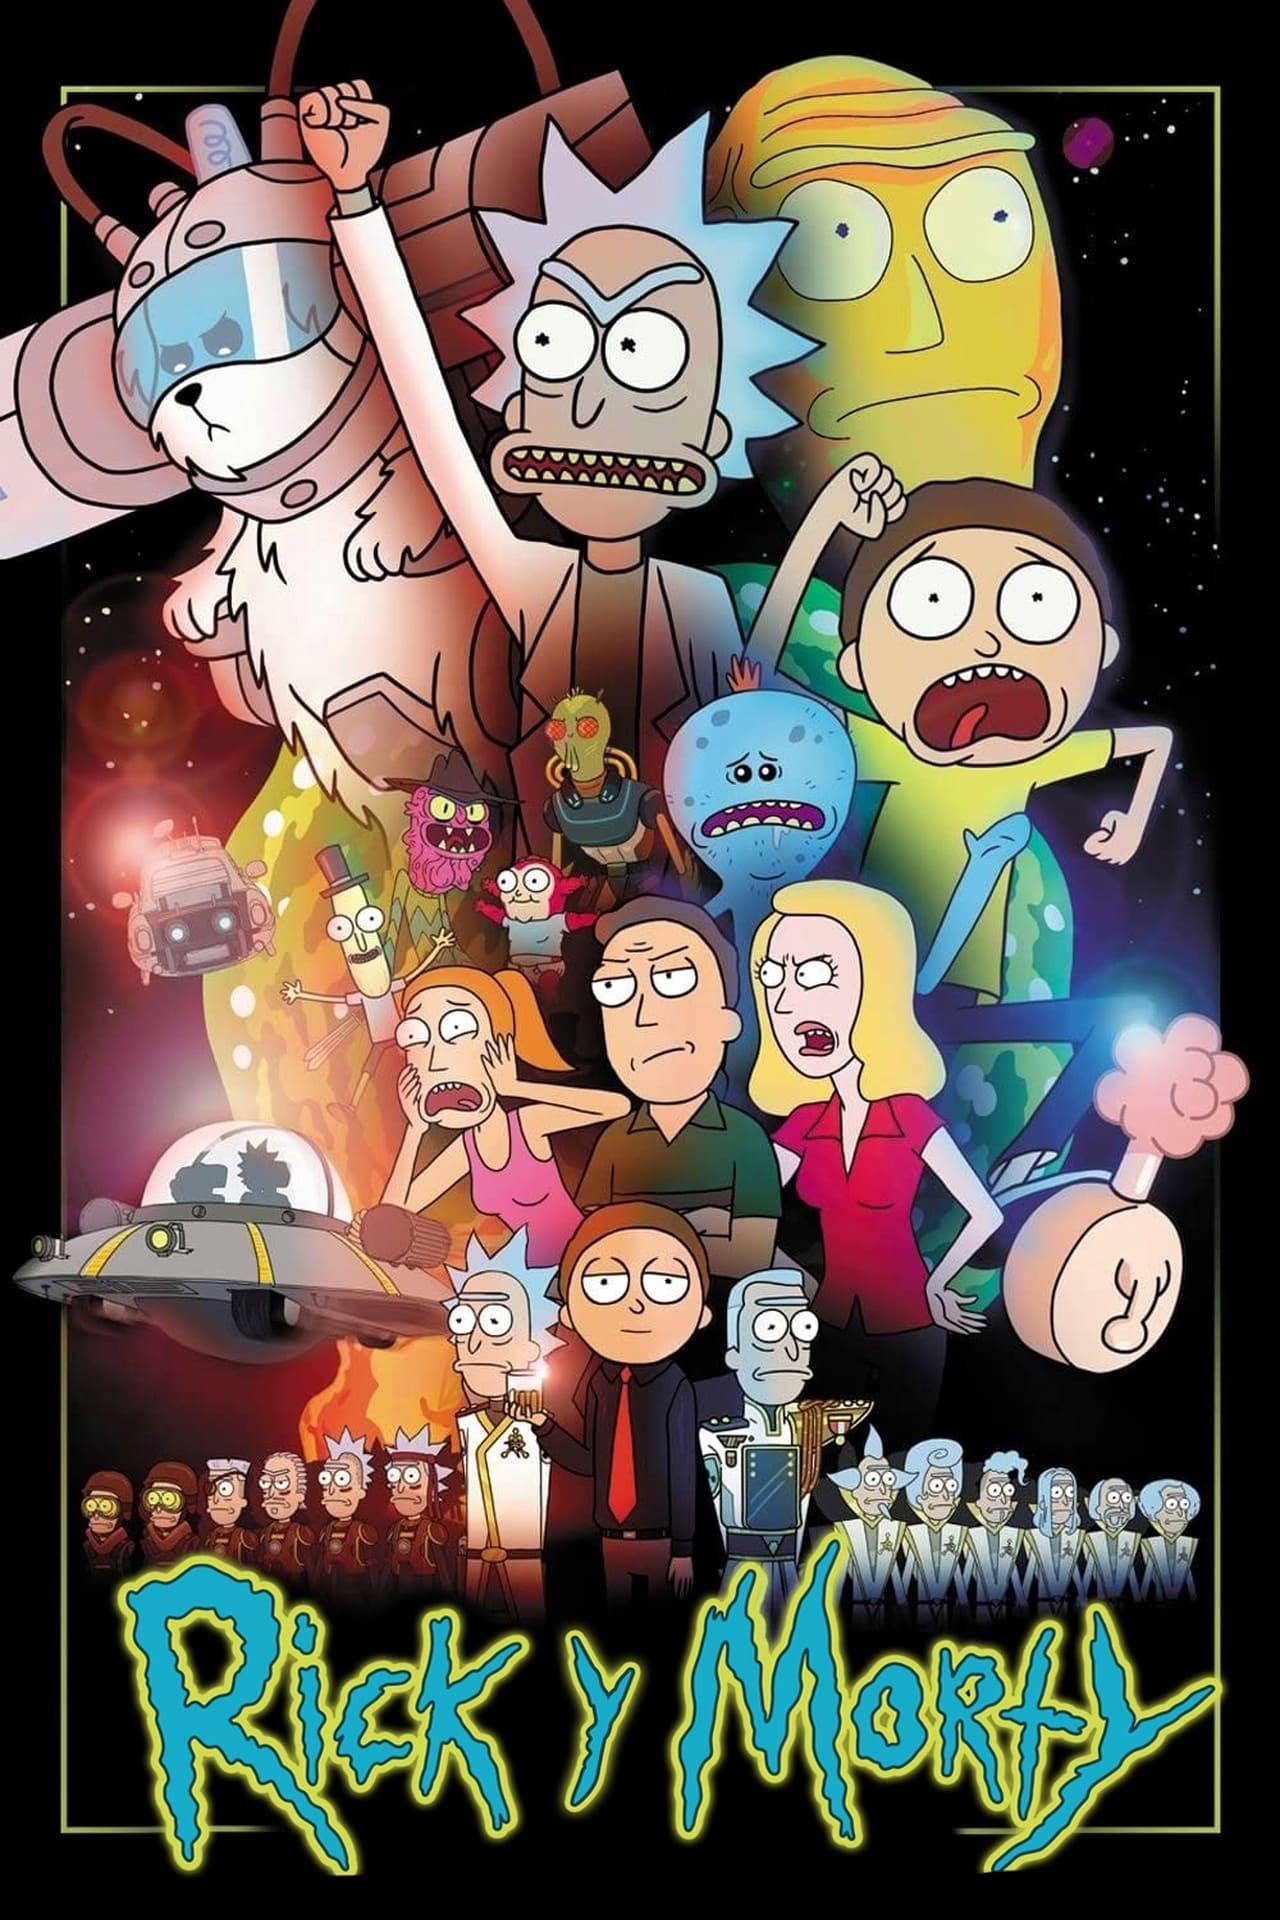 Rick y Morty - Season 1 Episode 8 : Sesenta Rick-nutos